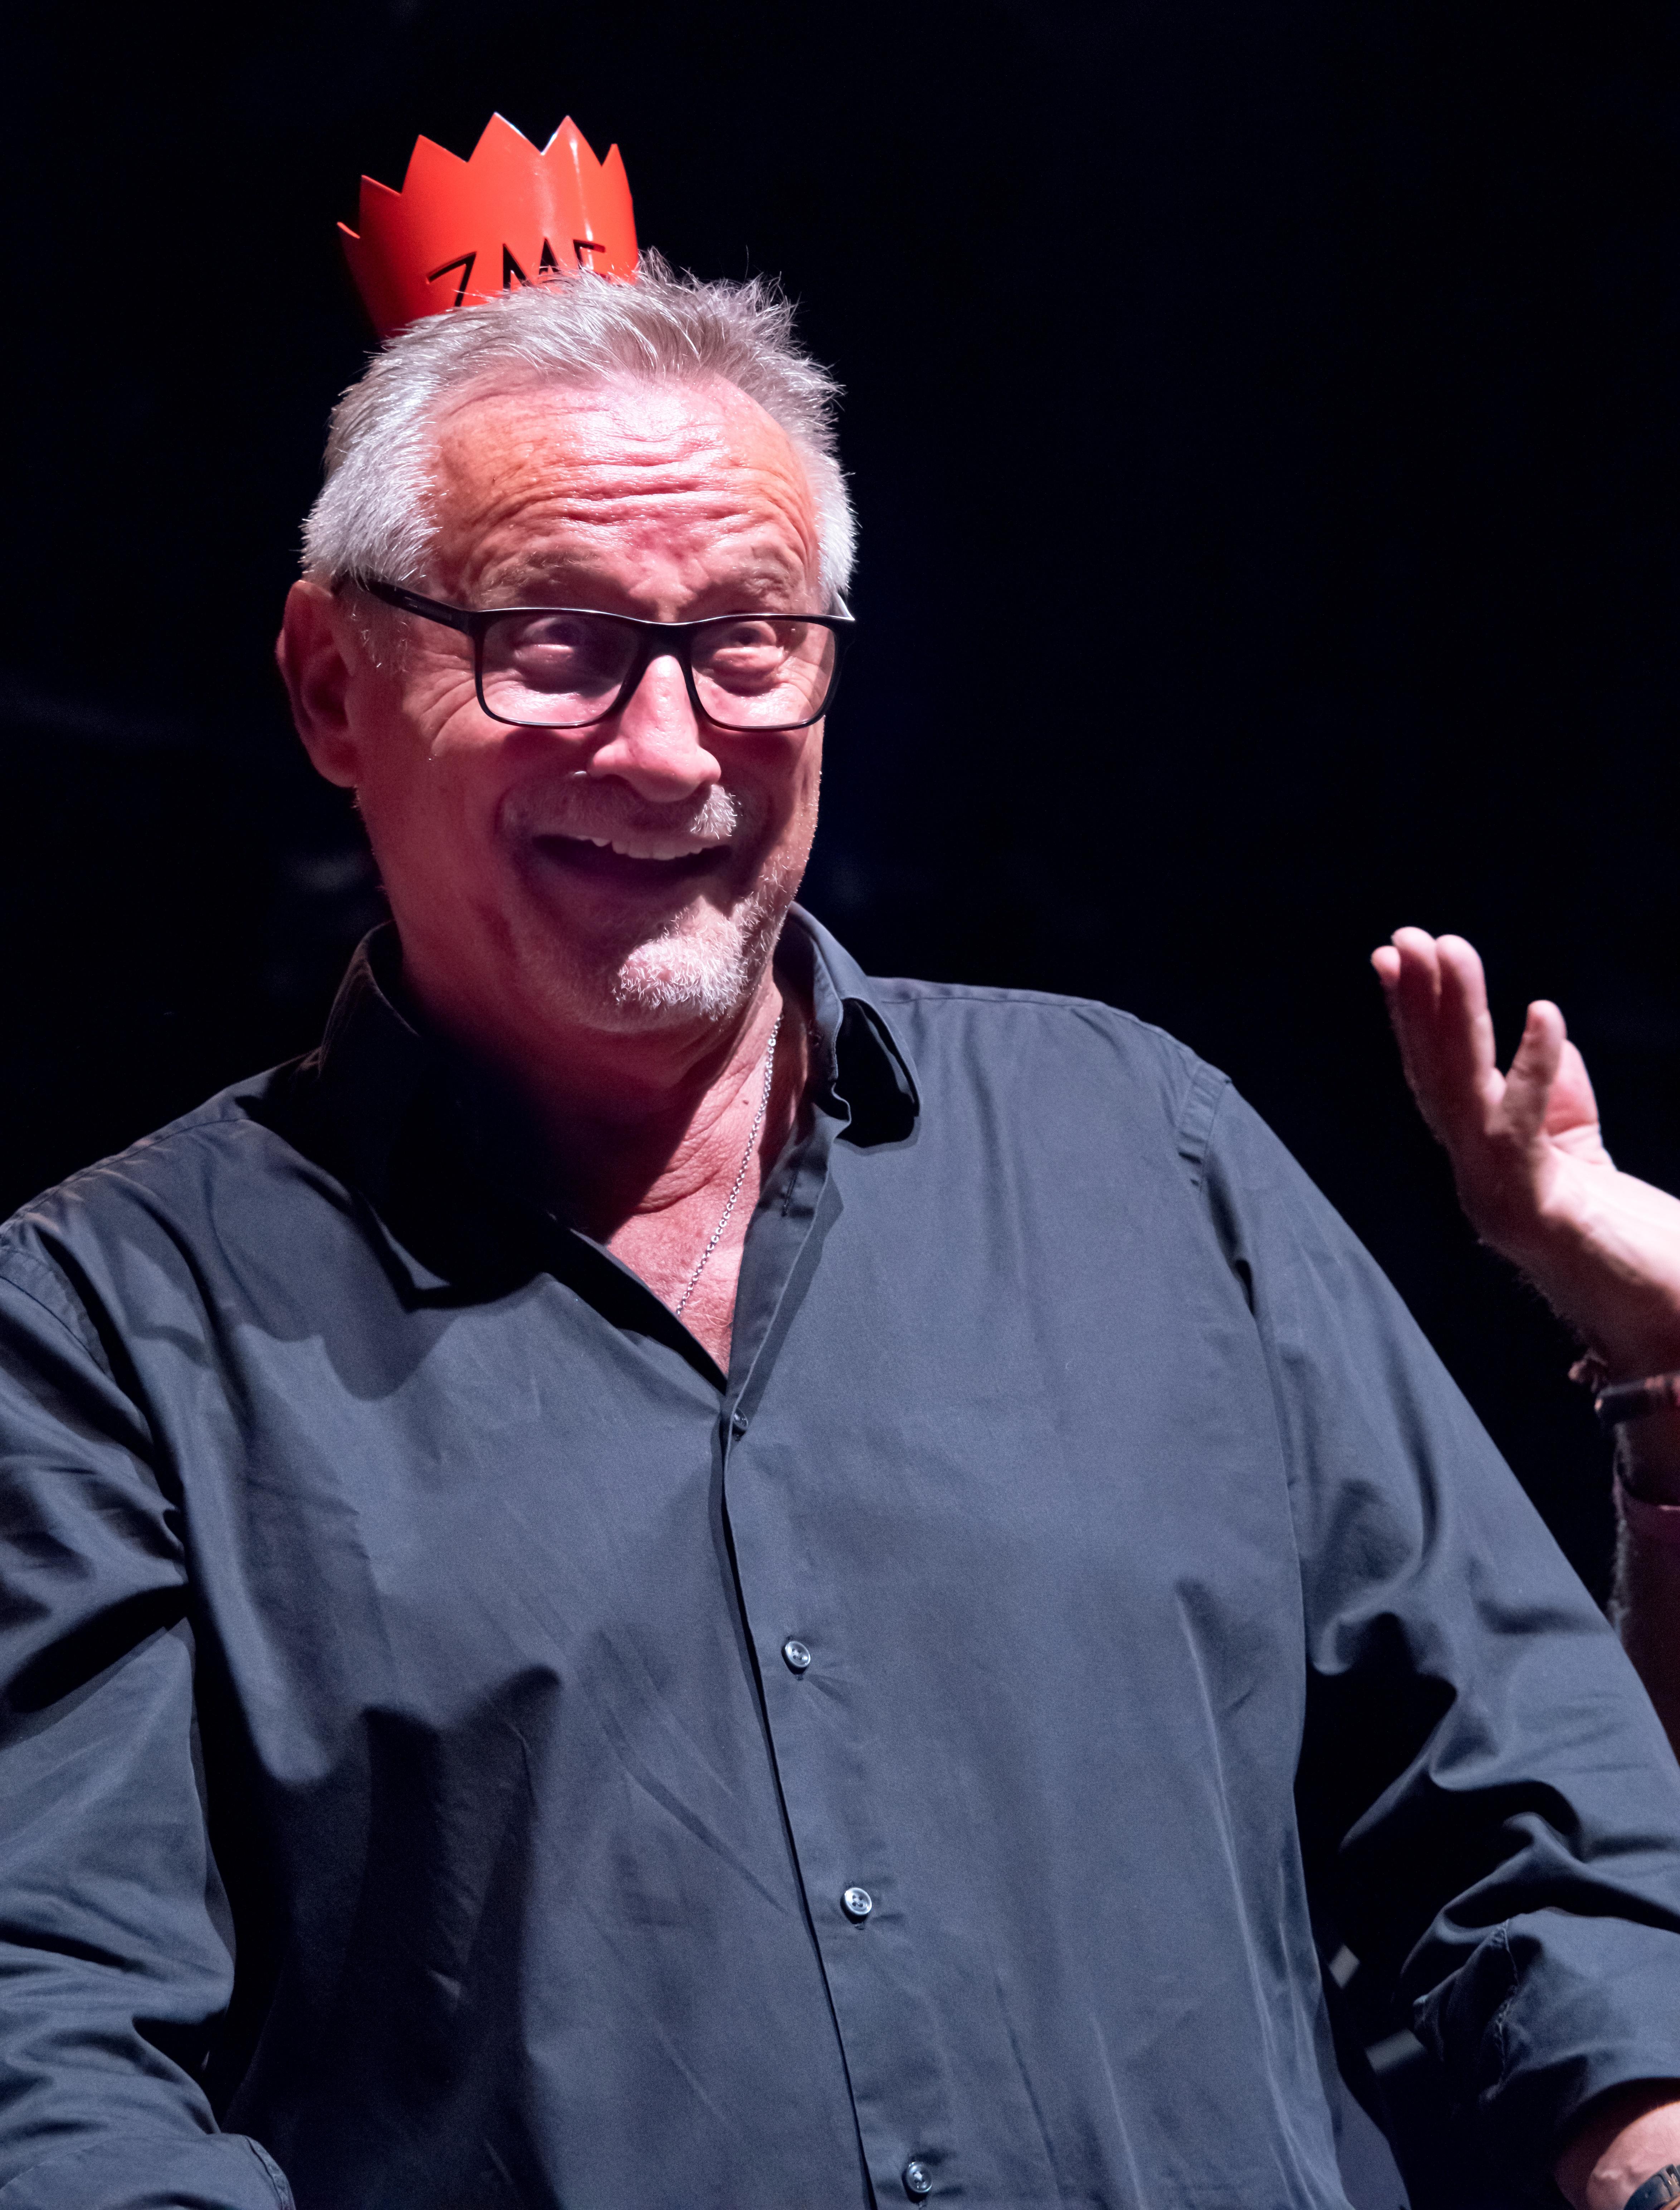 Constantin Wecker como ganador del premio honorífico en el Zelt-Musik-Festival 2018 en Friburgo, Alemania